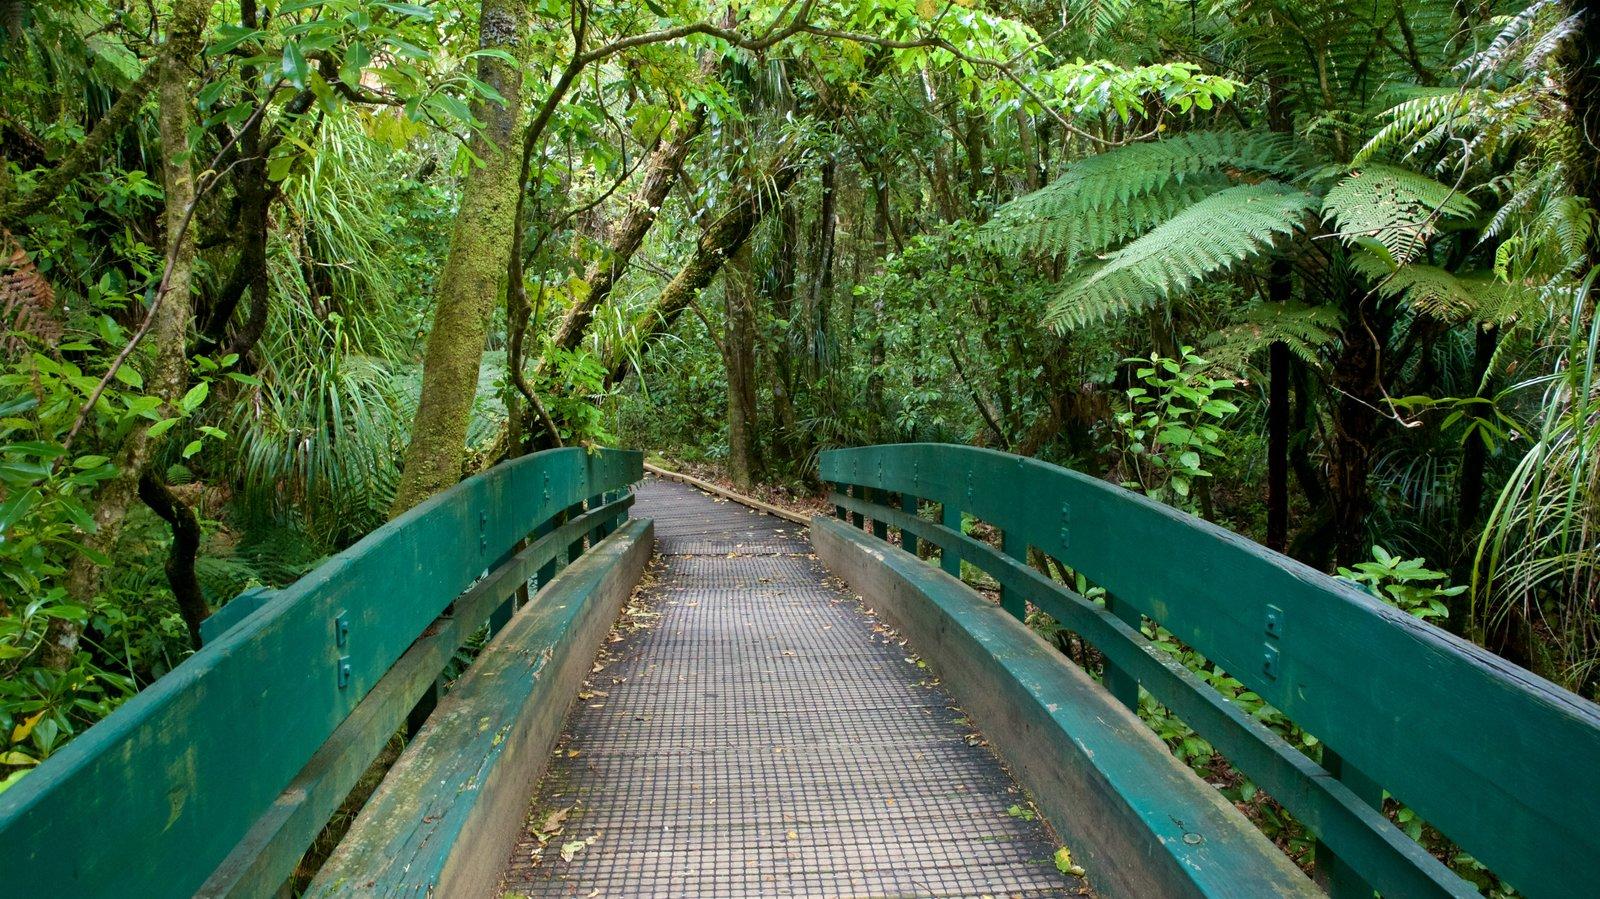 Tane Mahuta que incluye un puente y escenas forestales